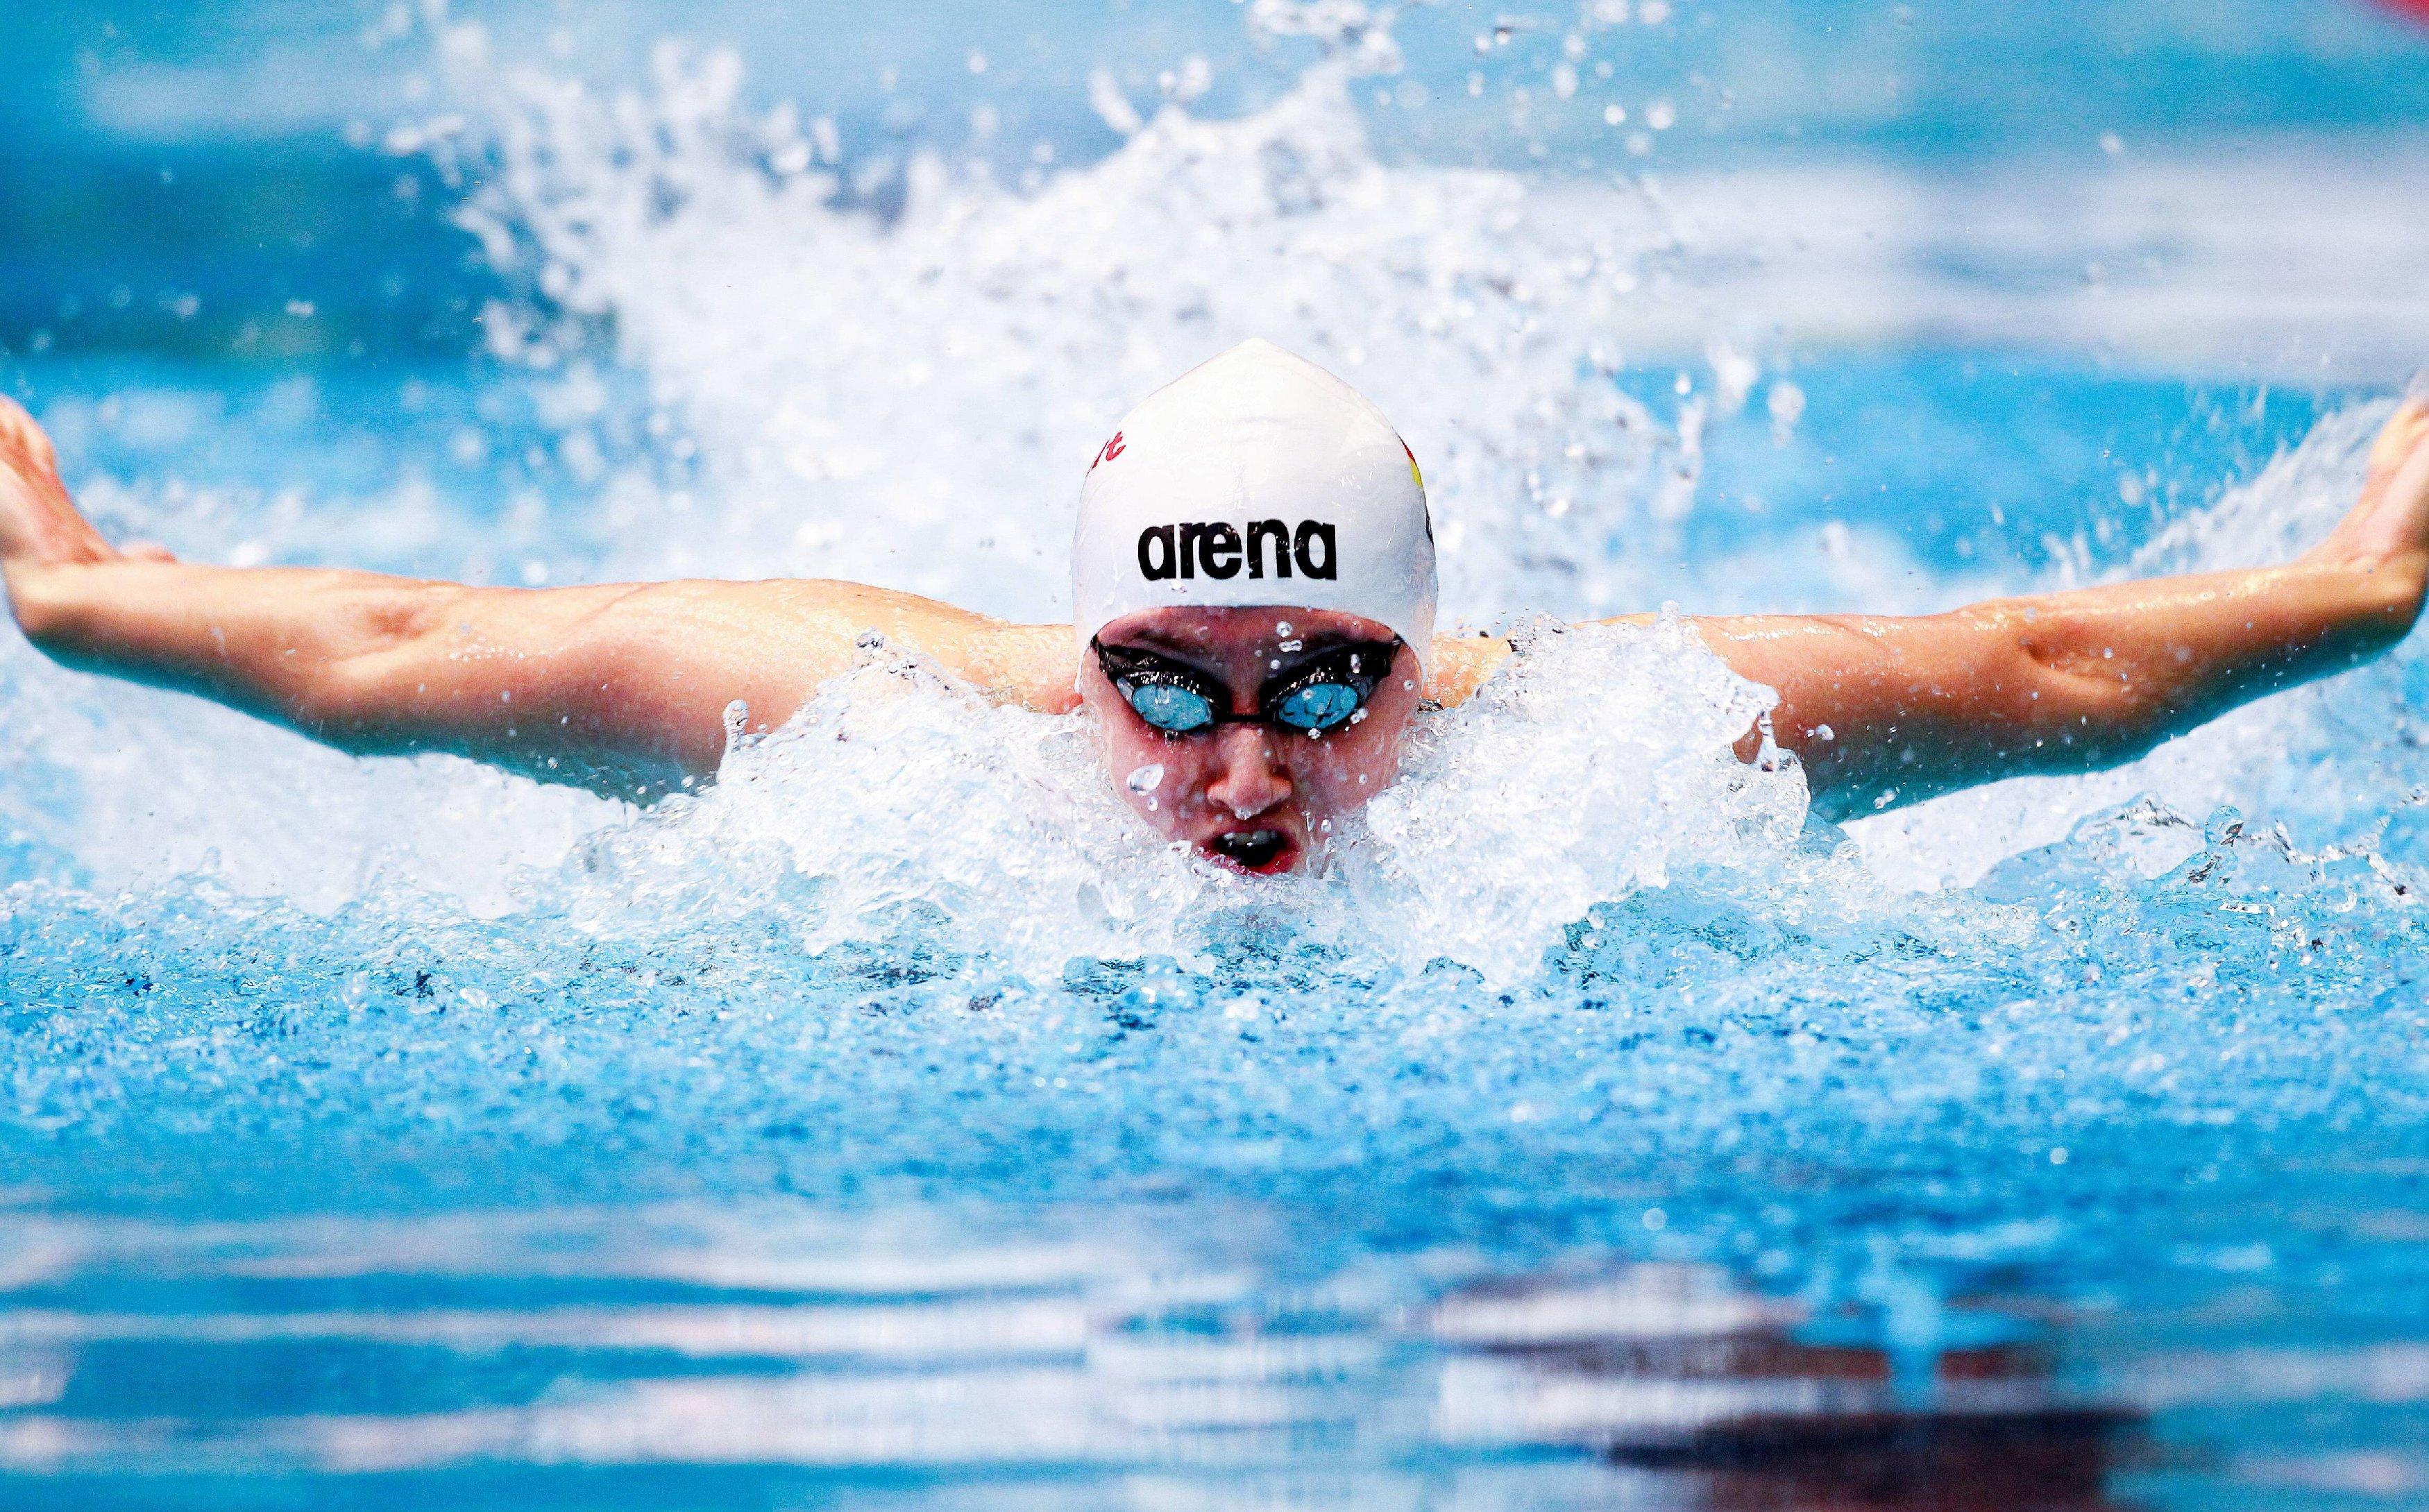 Есть ли возможность посещать спортивные занятия в момент простатита